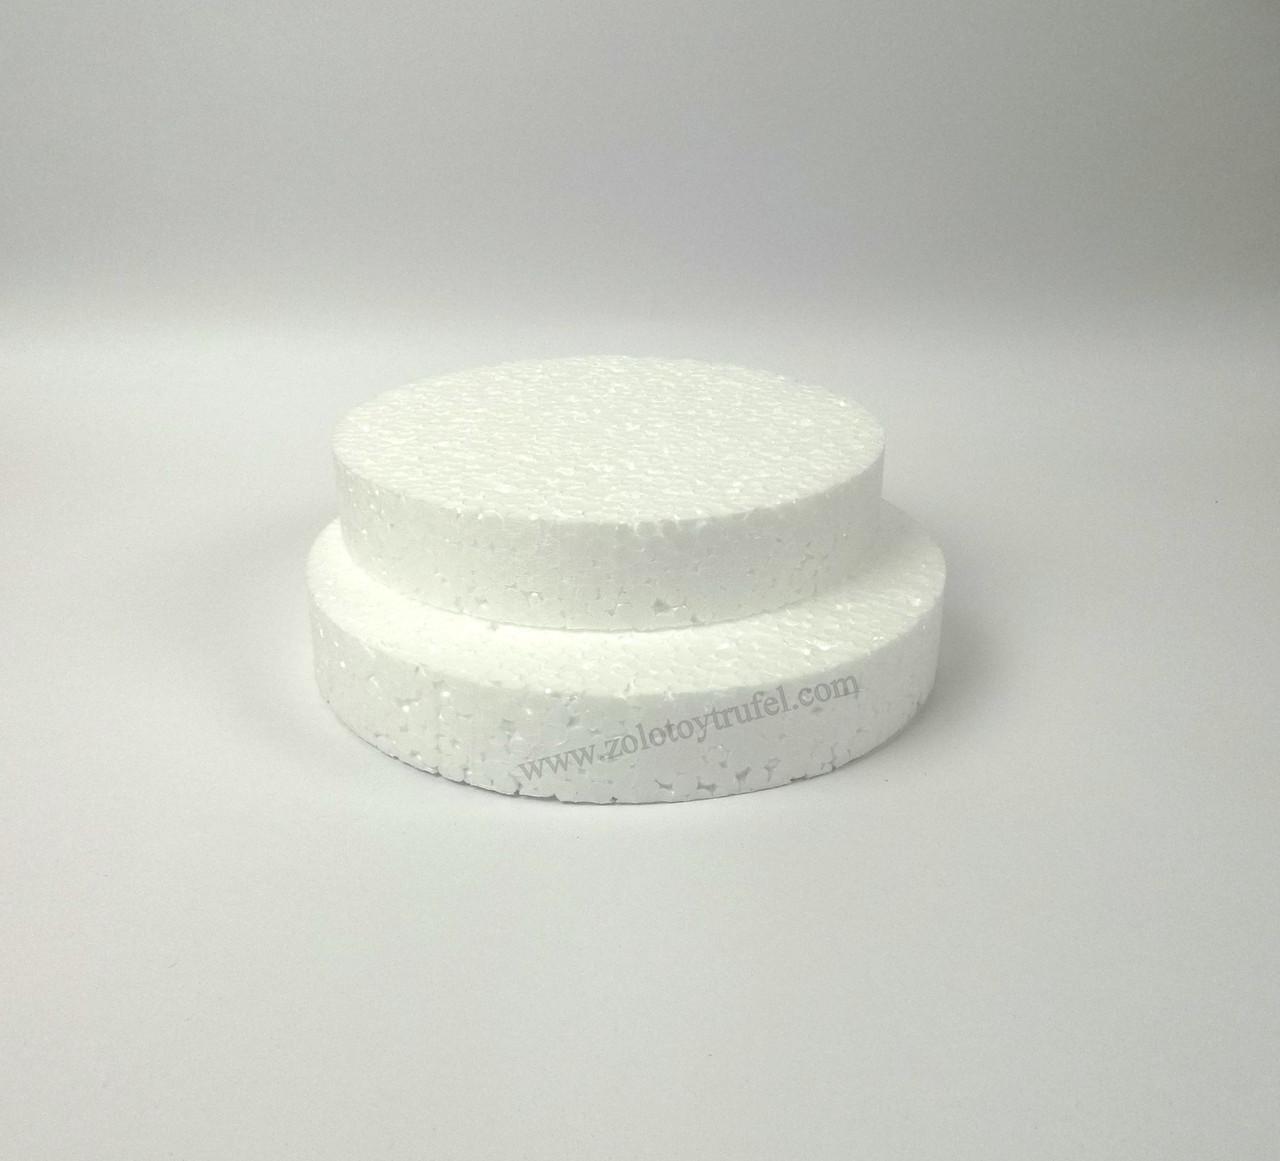 Прослойки пенопластовые для торта d 14 см h 3 см